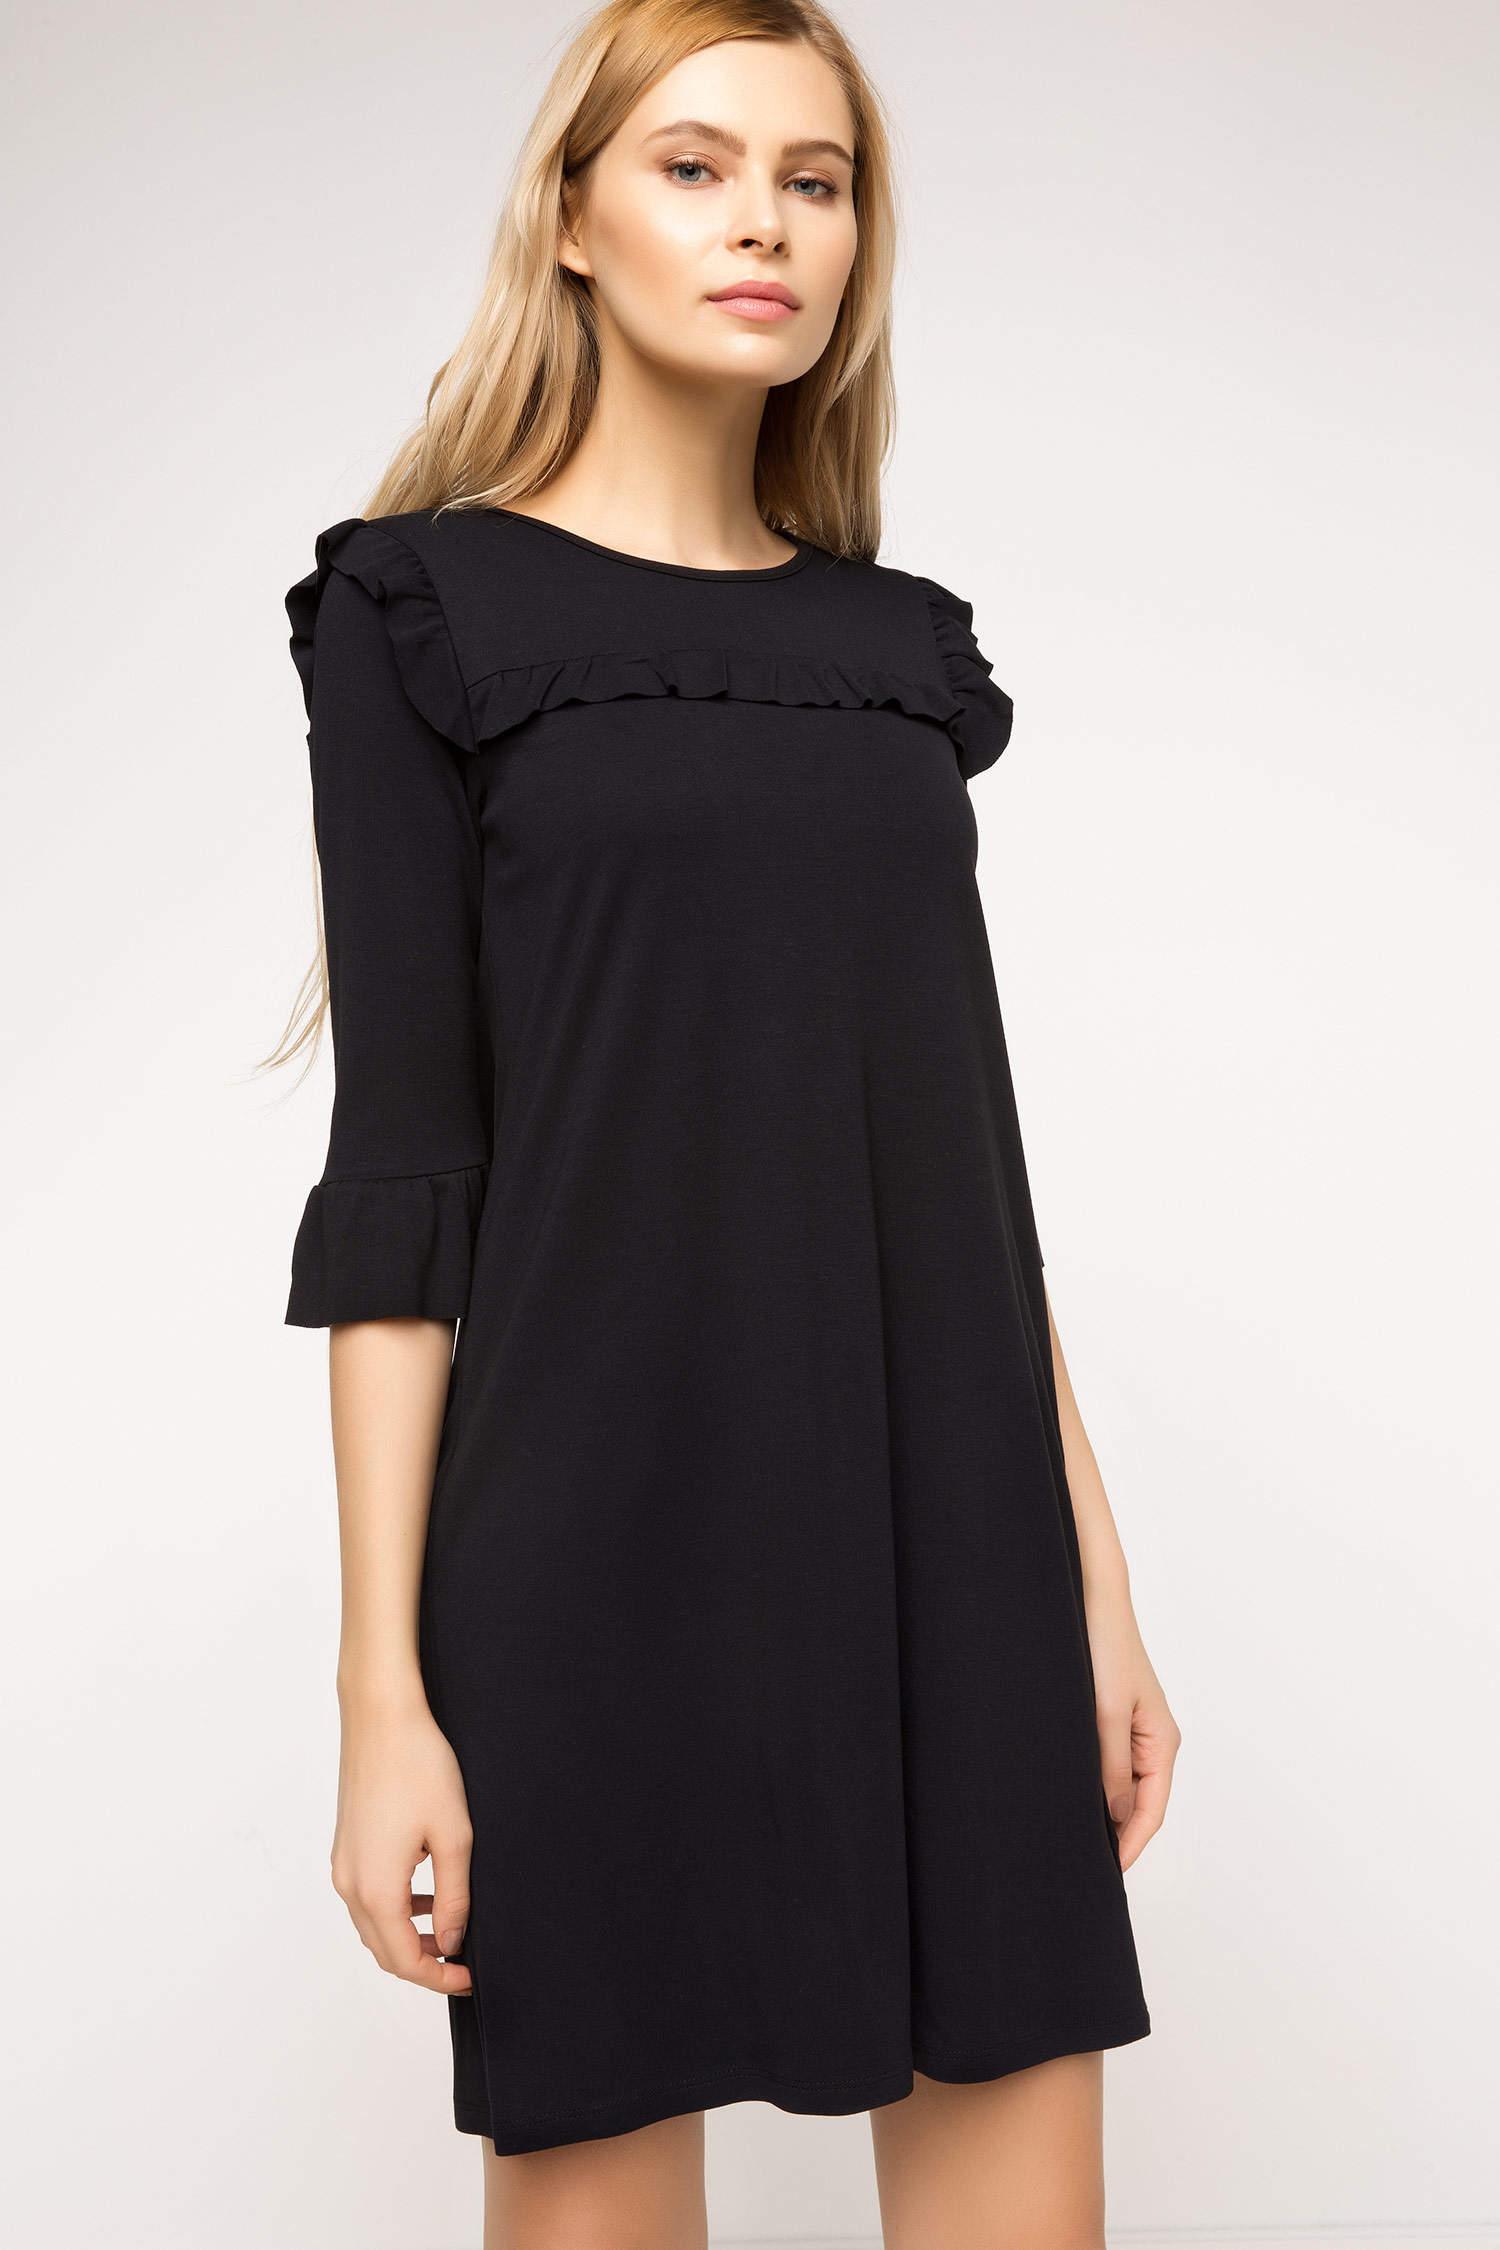 faf05e8678495 Siyah Kadın Fırfır Detaylı Elbise 703182 | DeFacto